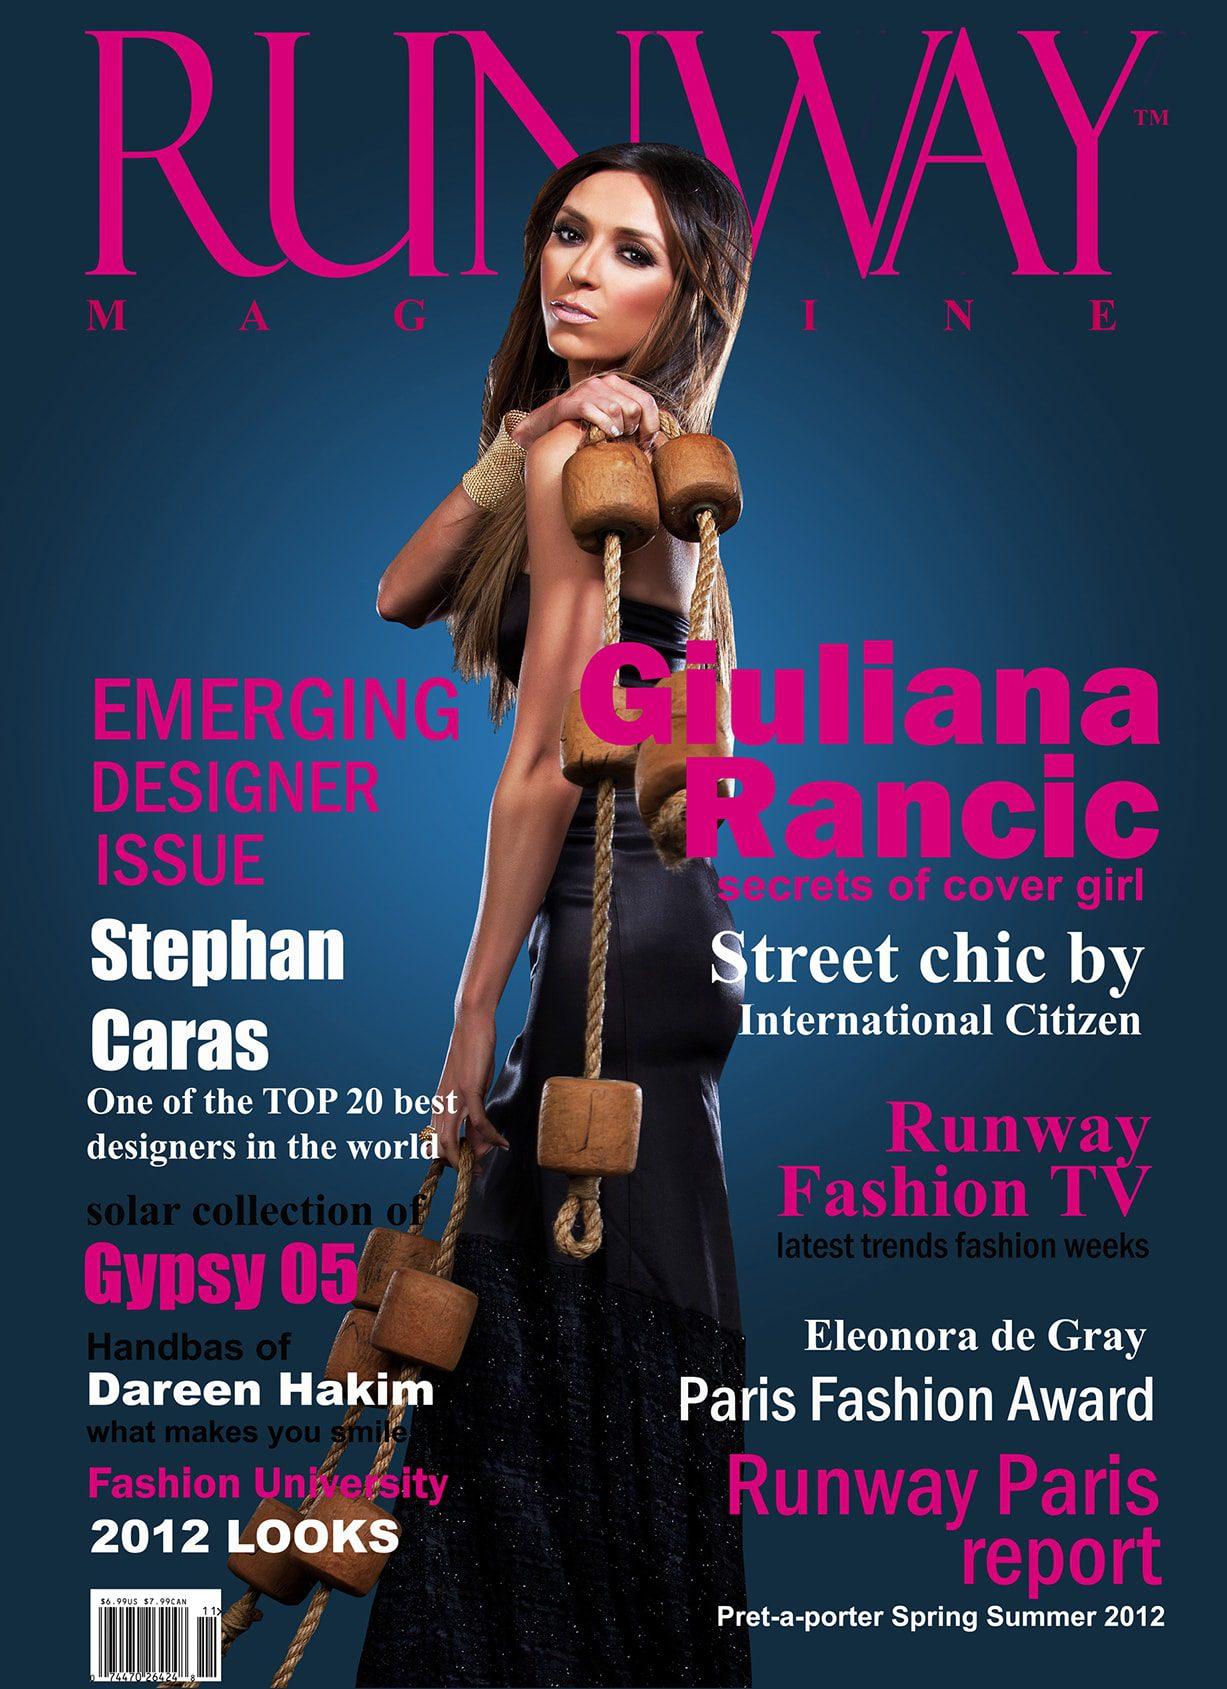 RUNWAY MAGAZINE cover 2012